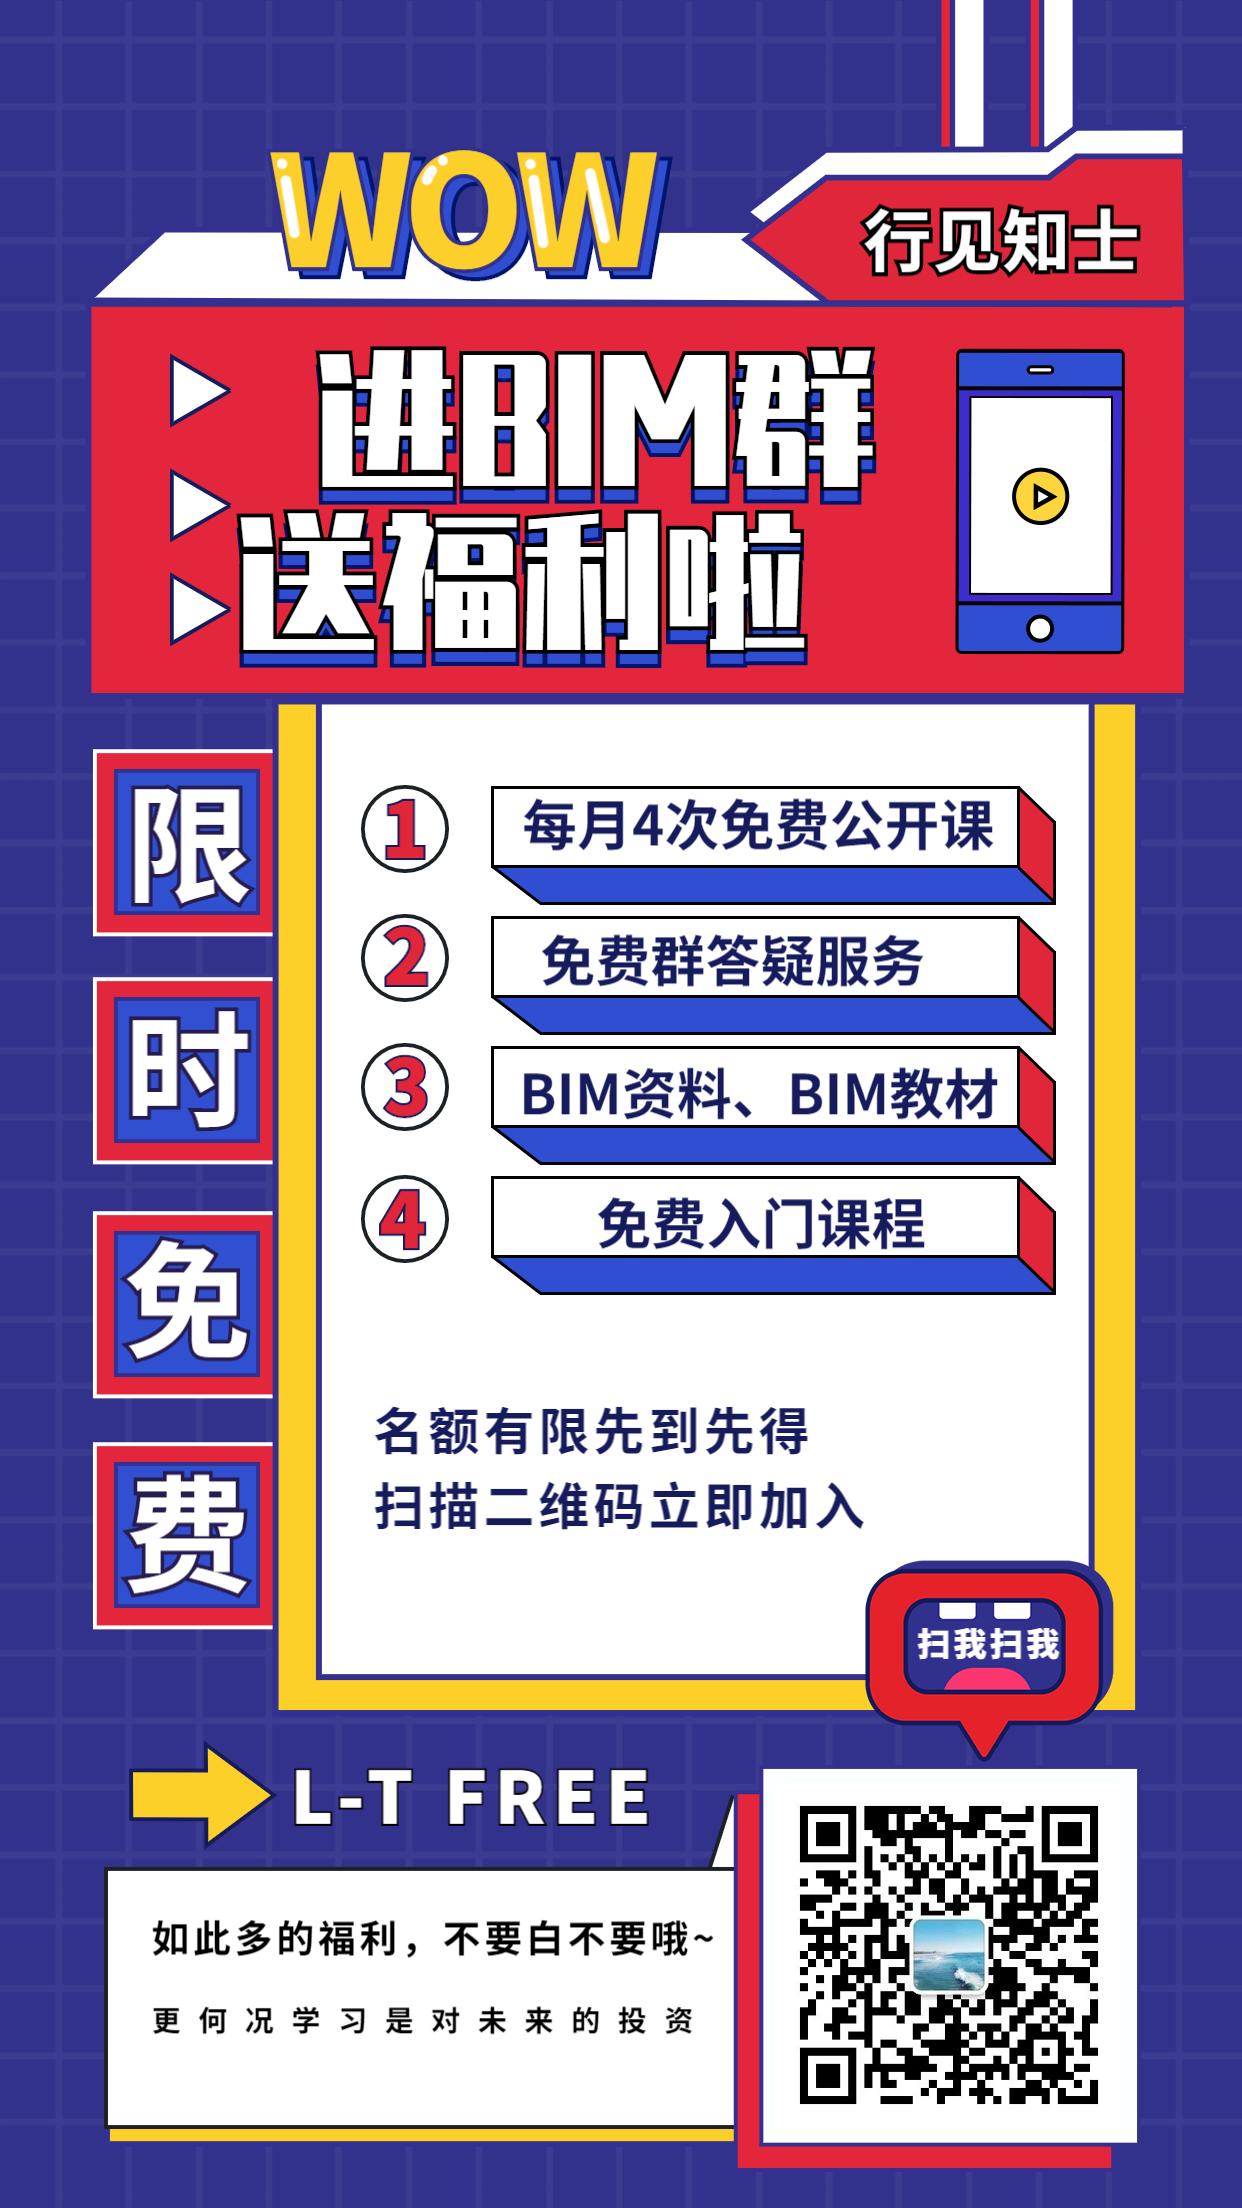 土建BIM应用图片1